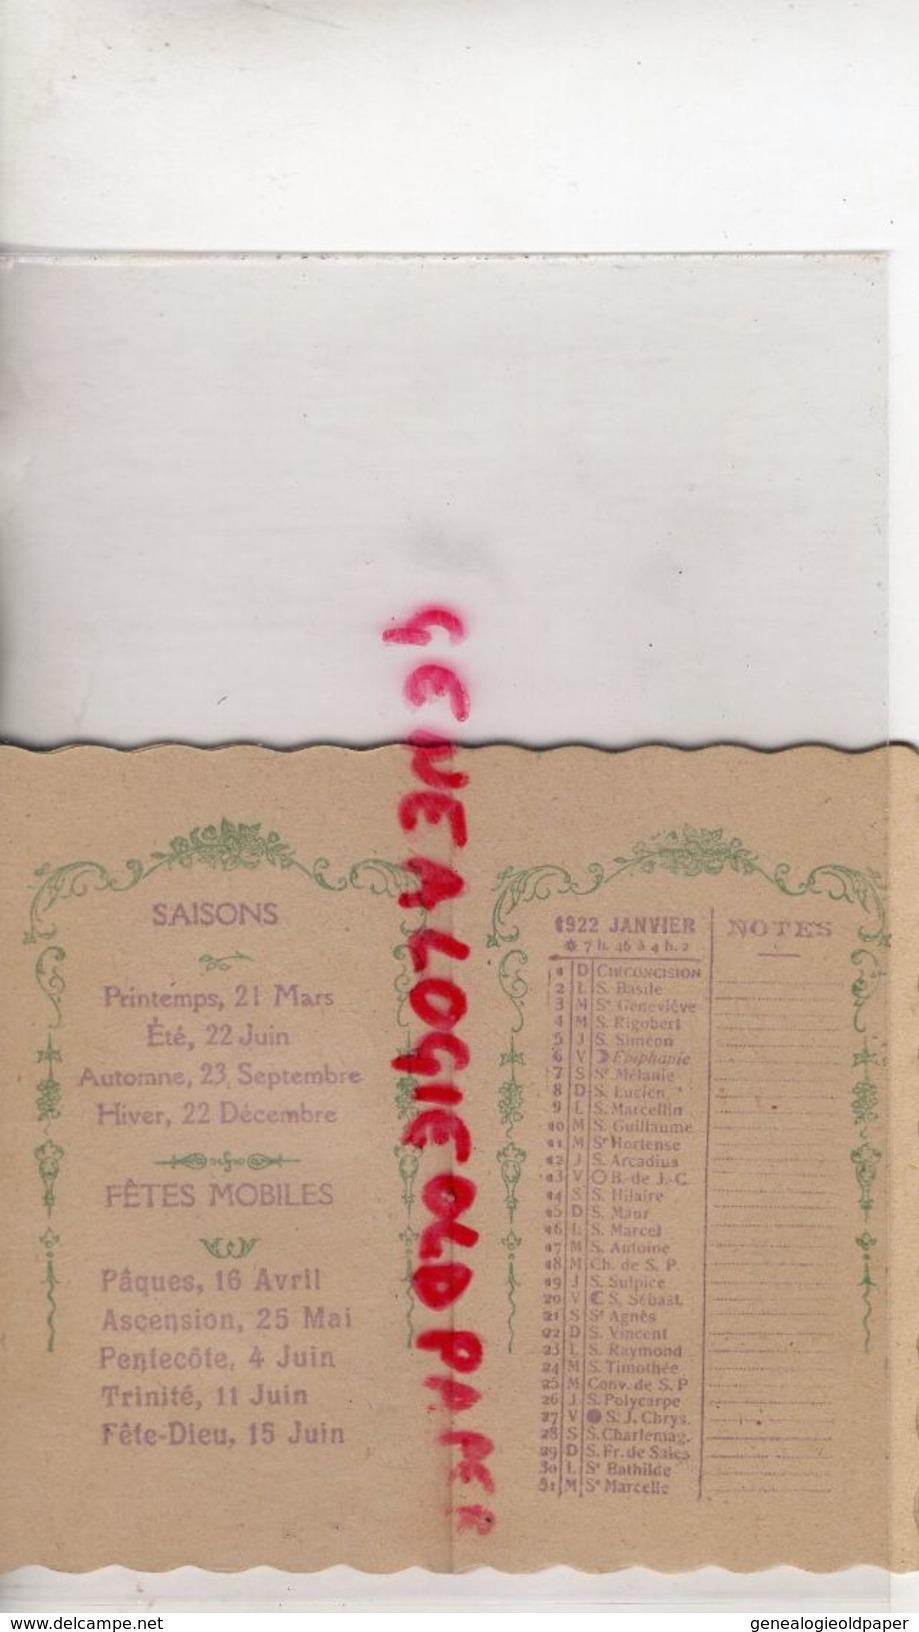 86- POITIERS-PETIT CALENDRIER 1922- DROGUERIE DU PALAIS-MAISON GAROTIN-BRIET-12 PLACE DU PALAIS- CAGE A OISEAUX-VOLIERE - Kalenders